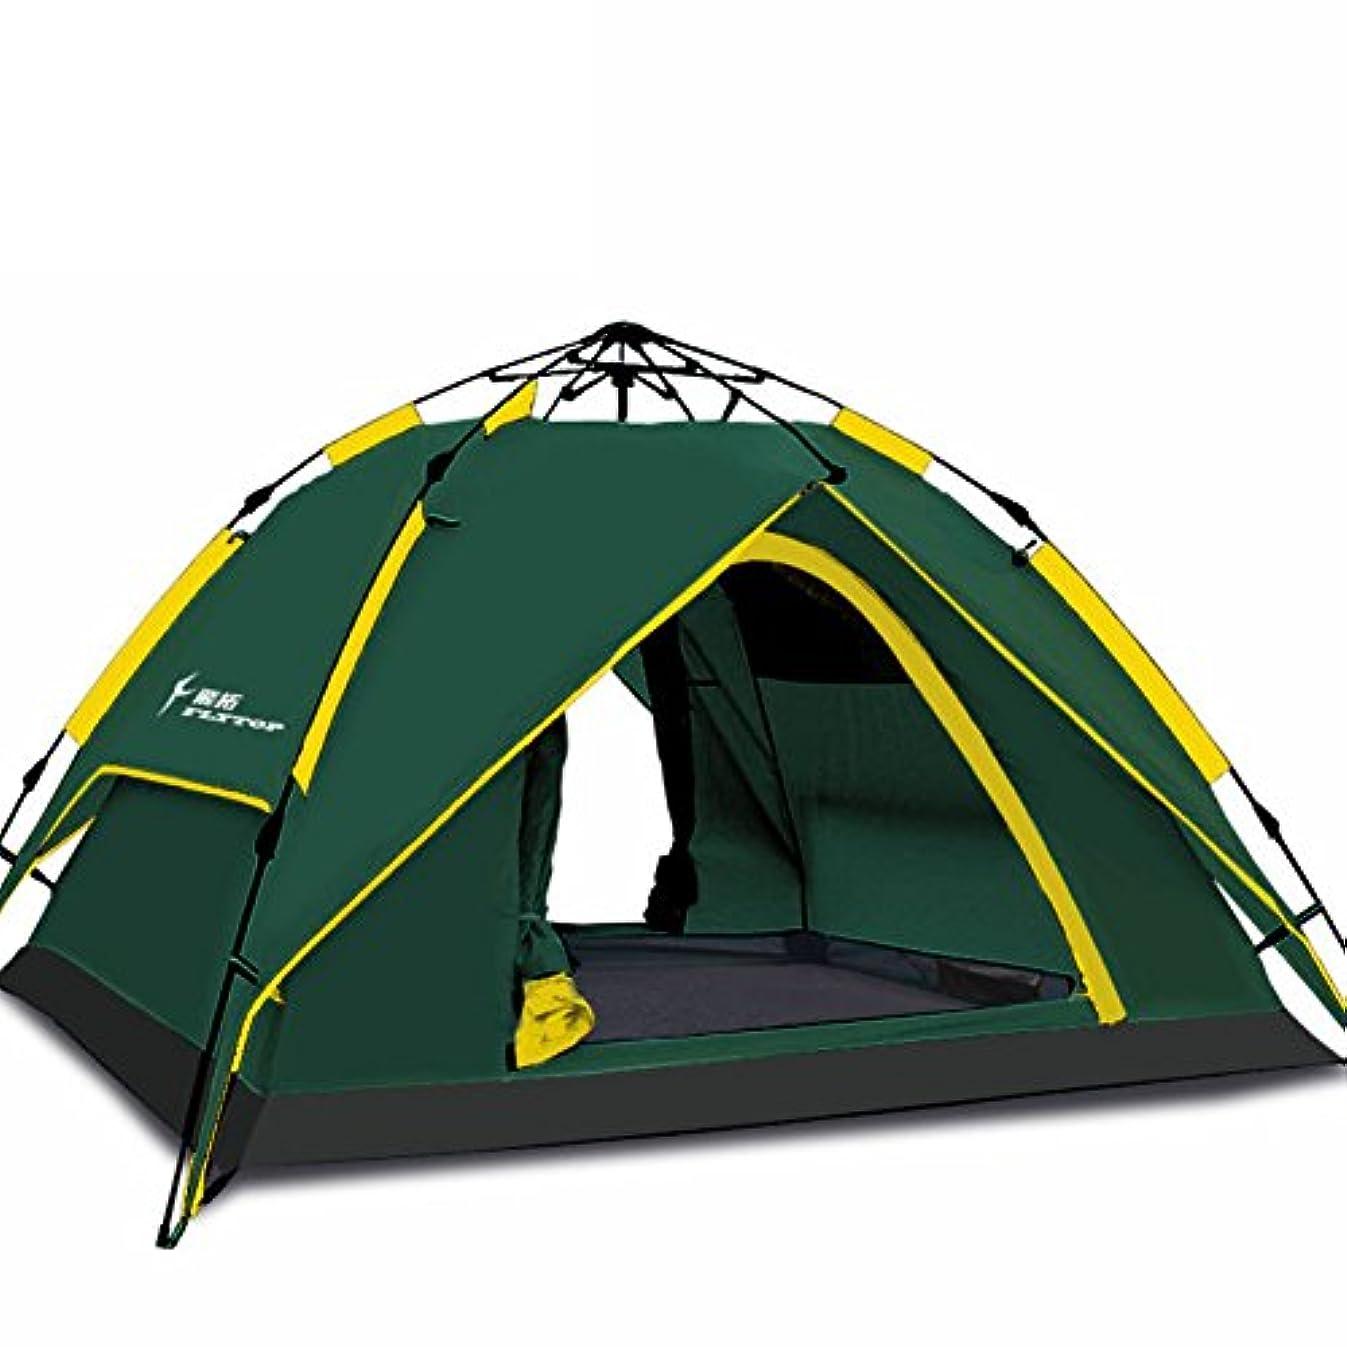 見る人時々分離するTY&WJ 全自動 キャンプ キャンプテント, 二重層 ドームテント Teepeefor アウトドア スポーツ 旅行 登山 4 シーズン 3 つの用途 3-4 人